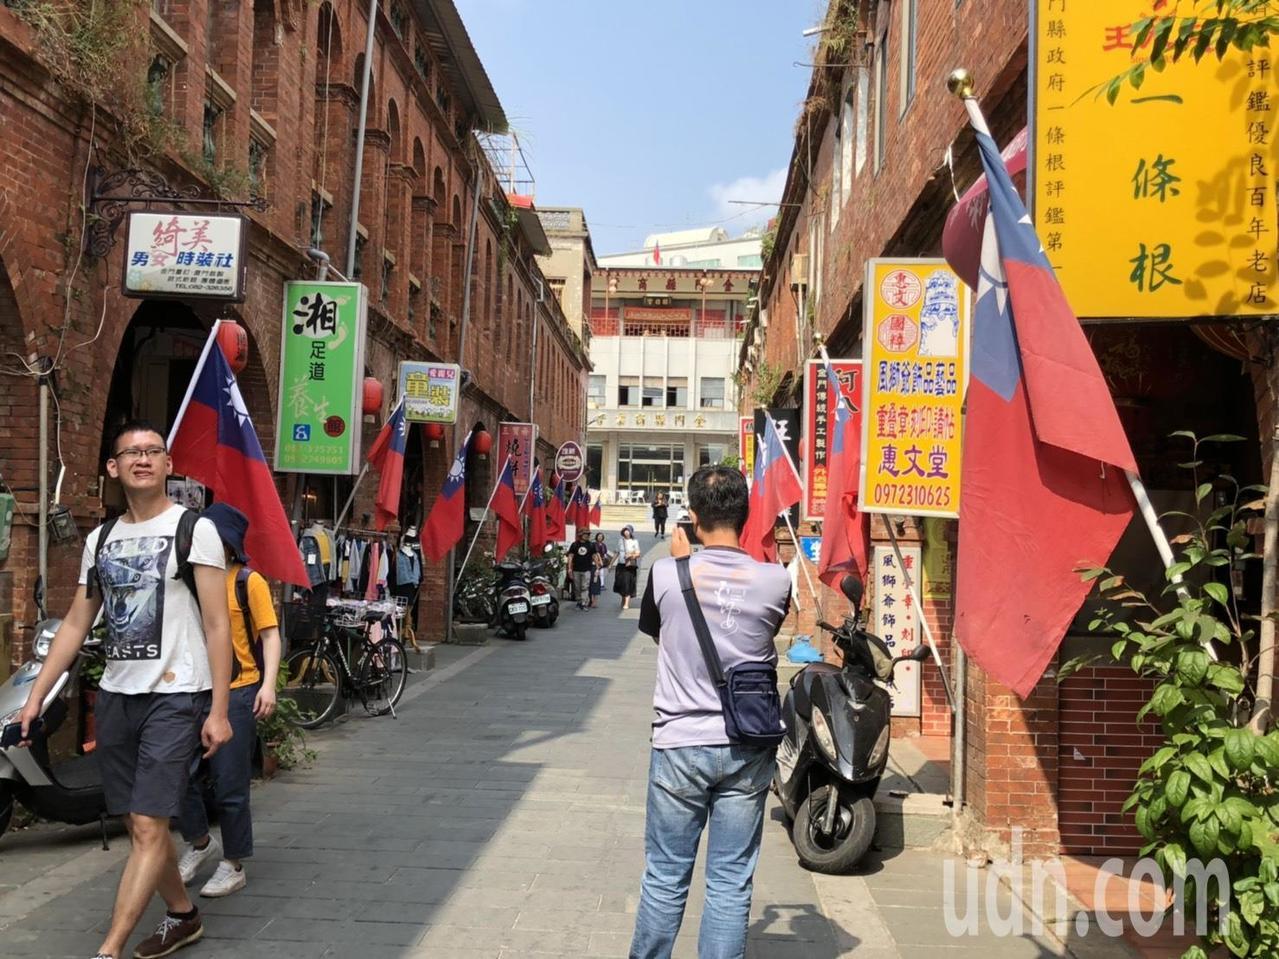 今天是雙十國慶,金城鎮的模範街,從原先的一邊插滿五星旗、一邊國旗的景象,再度統一...